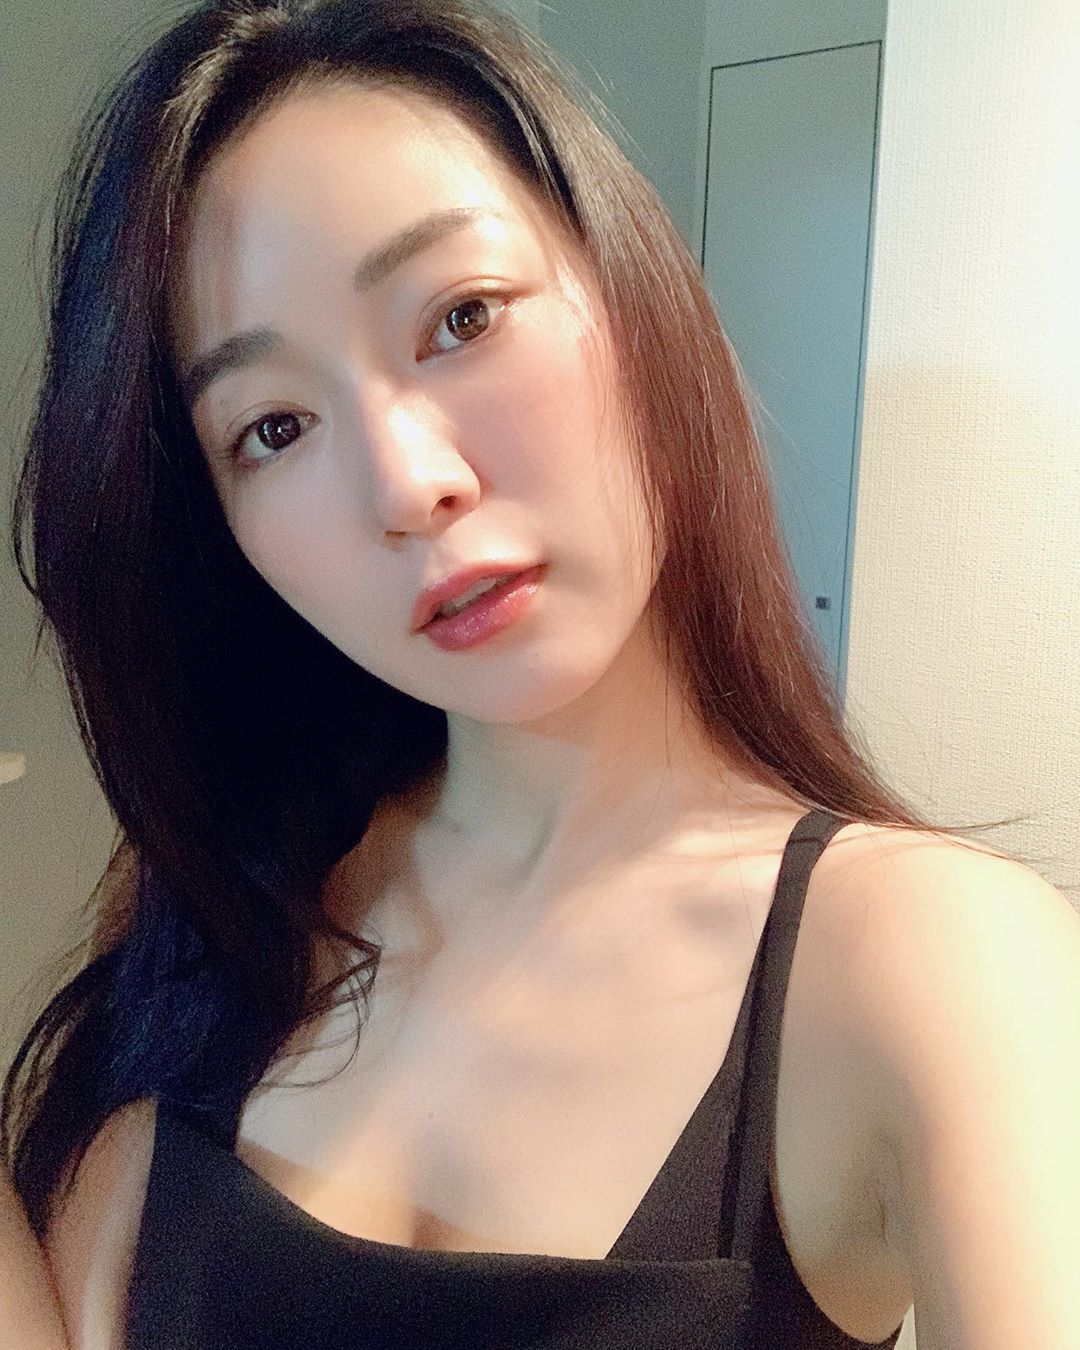 日本女星阶户瑠李突逝,曾出演《全裸导演》等作品 福利吧 第2张